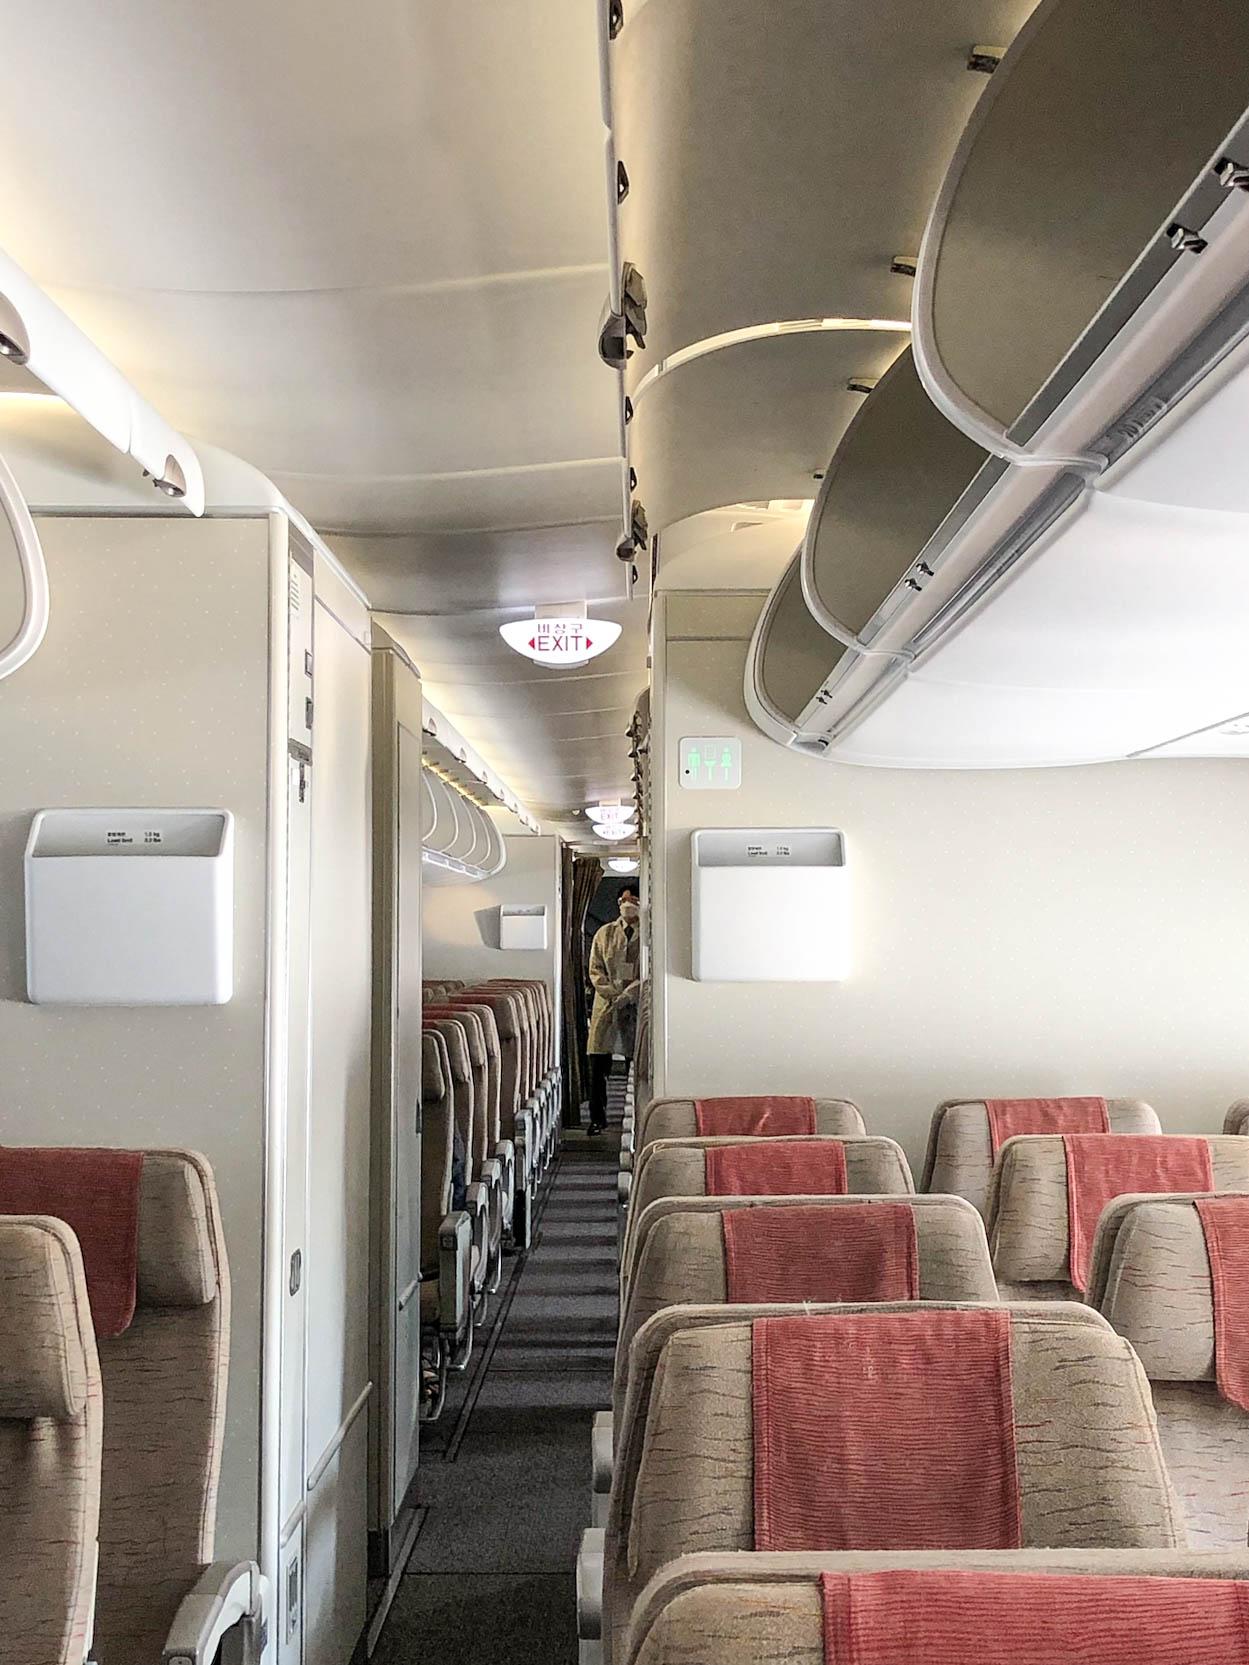 A380 기내 1F 이코노미석